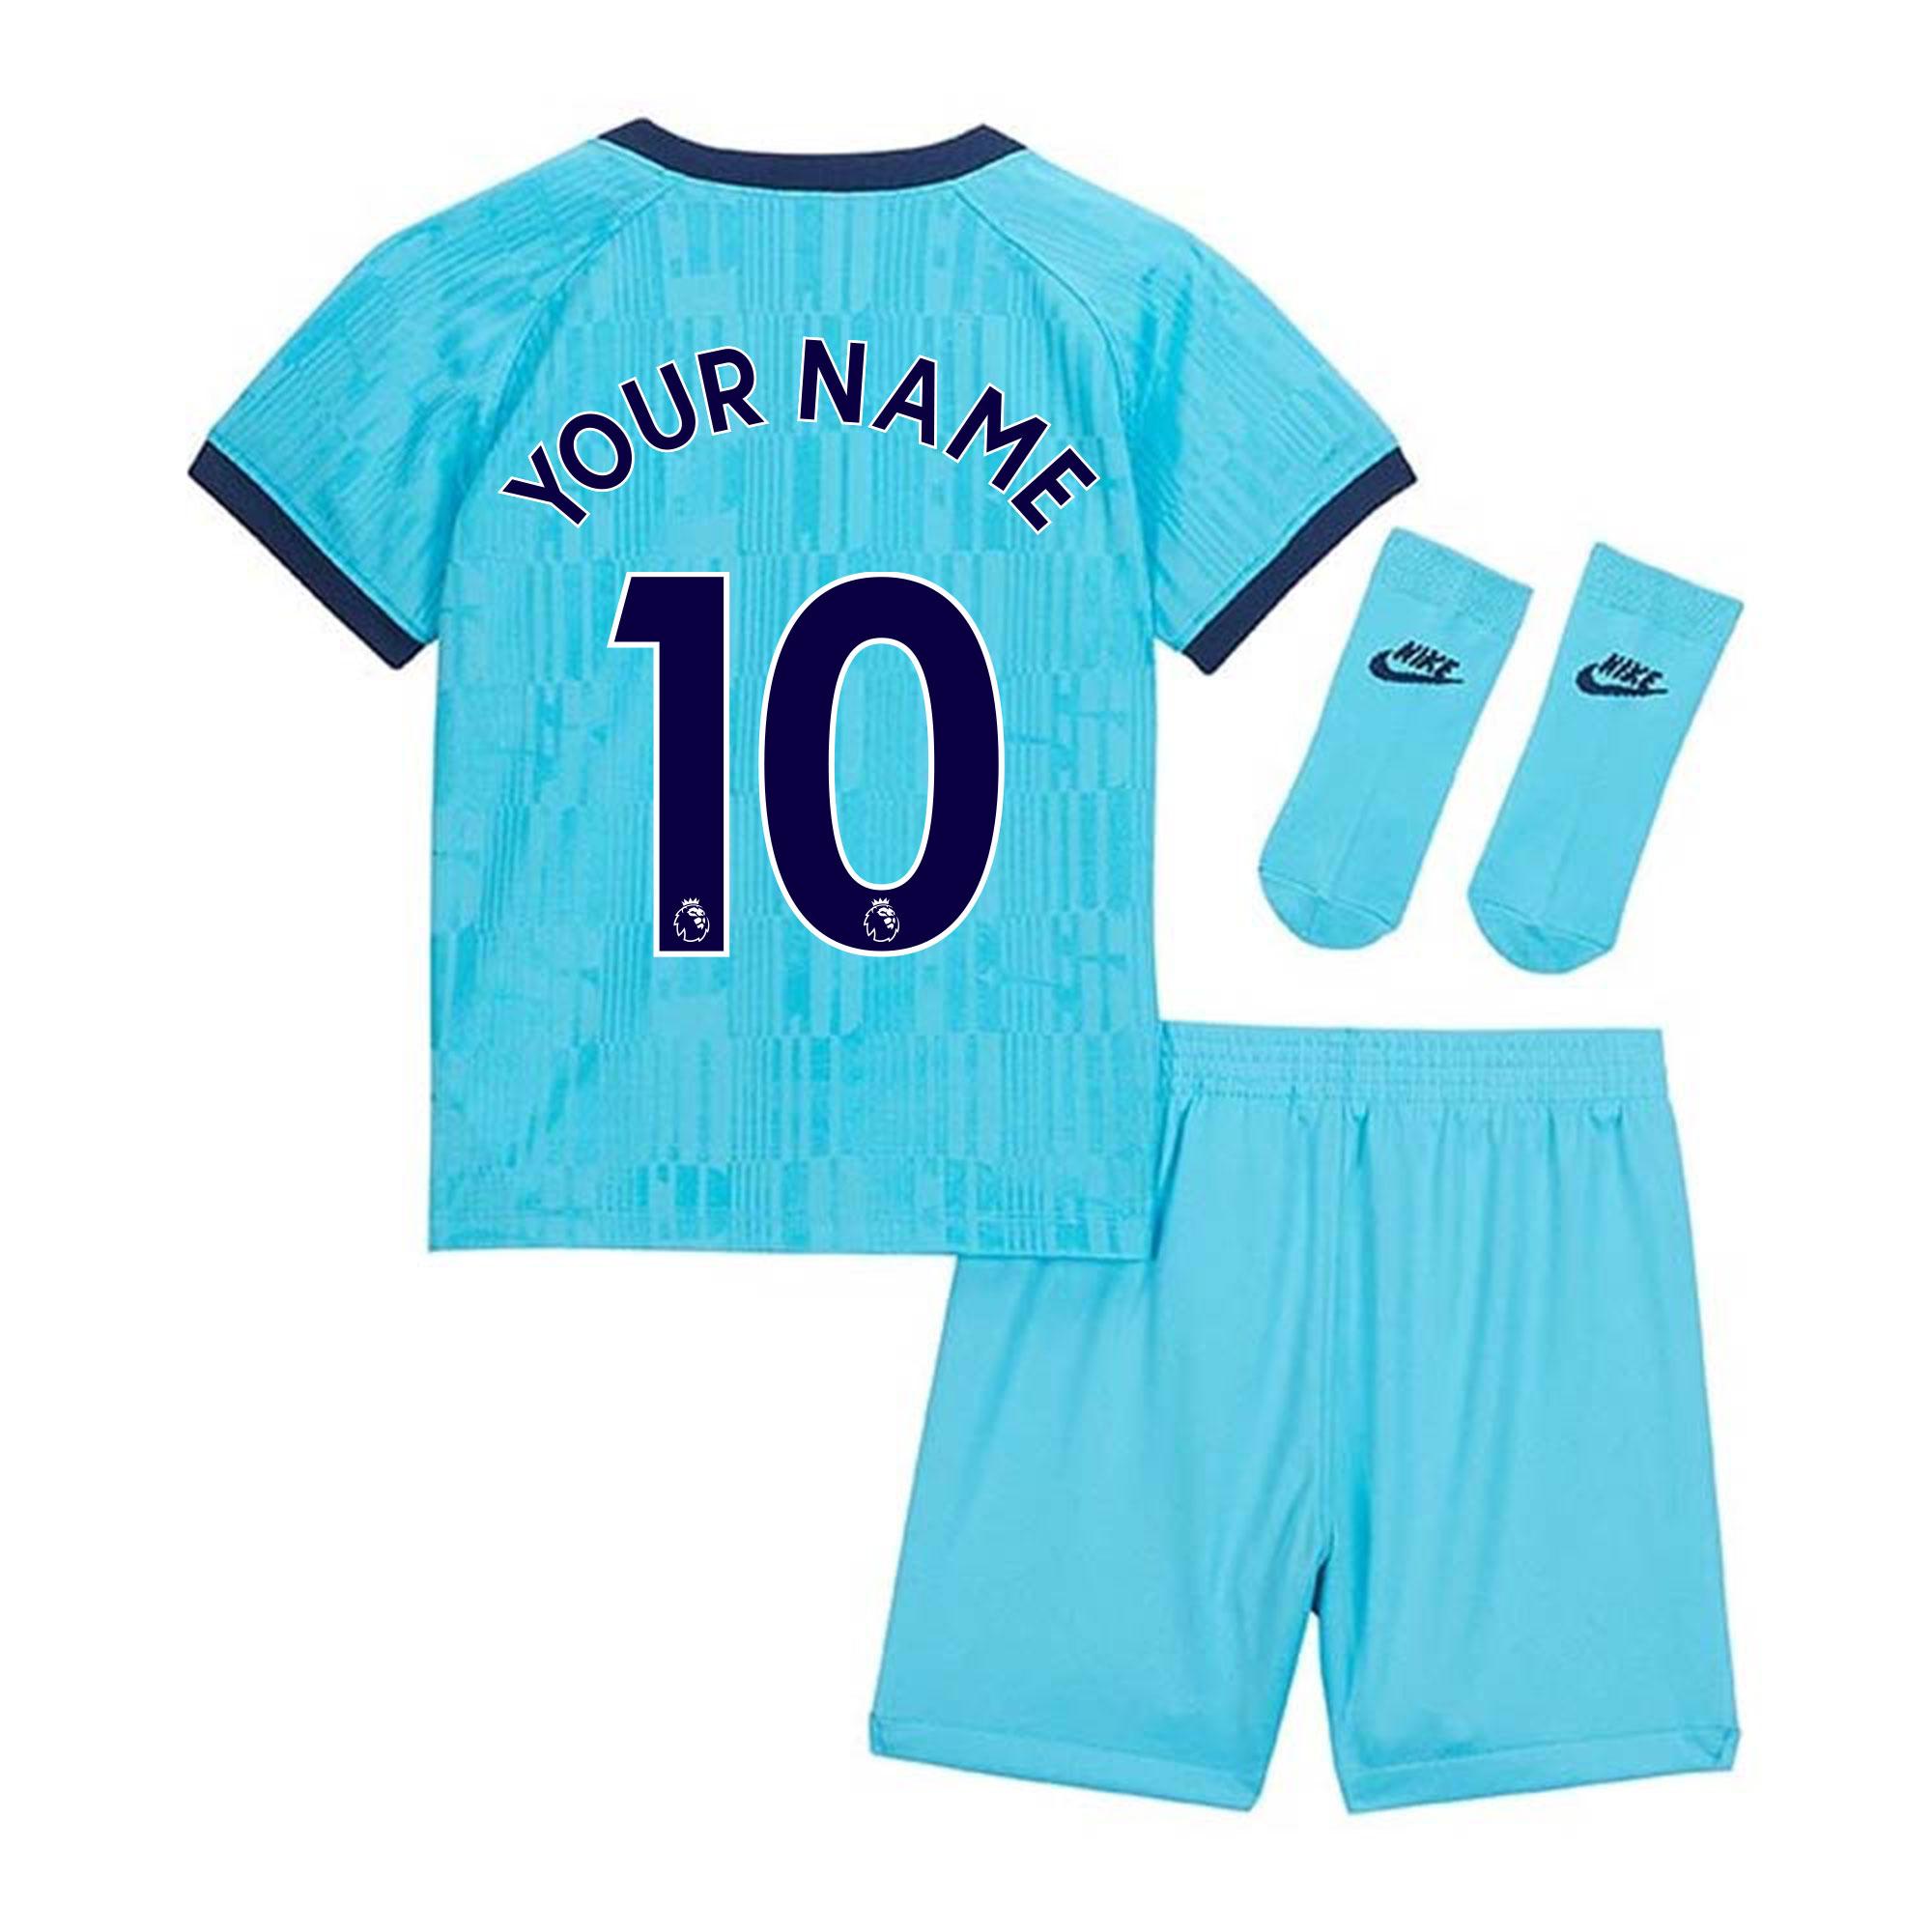 2019-2020 tottenham third baby kit (your name)